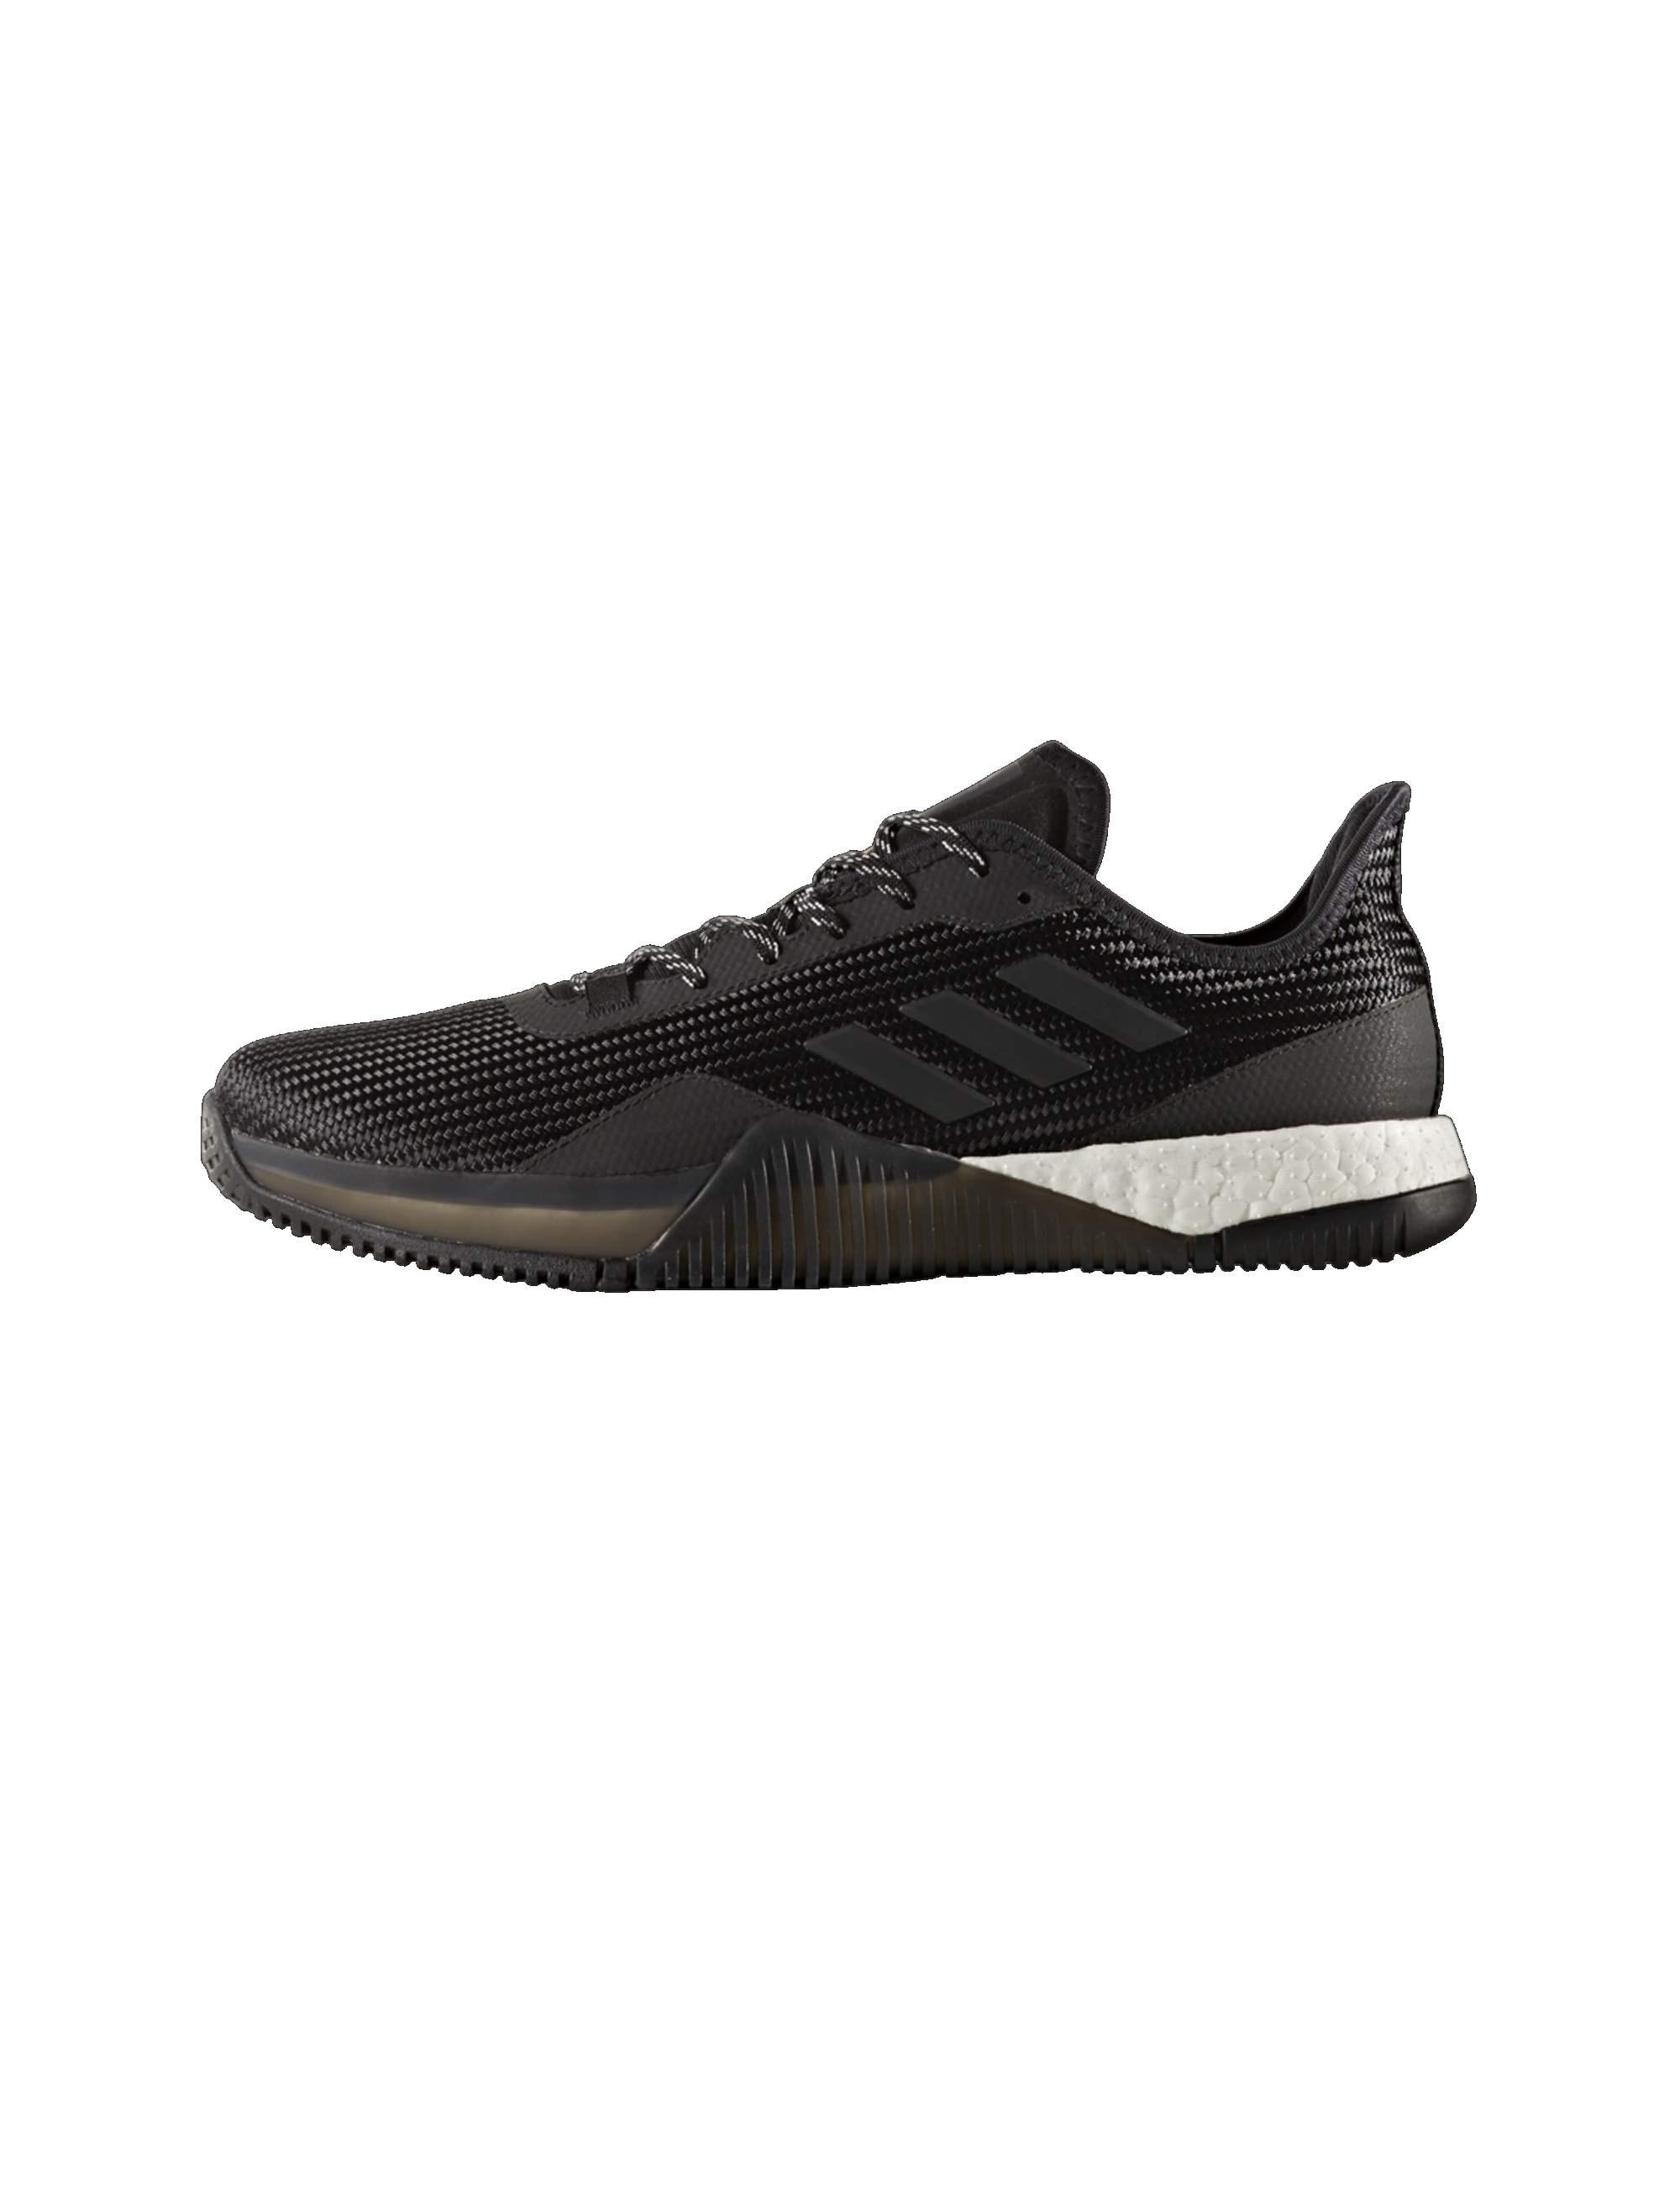 کفش تمرین بندی مردانه CrazyTrain Elite - آدیداس - مشکي - 5